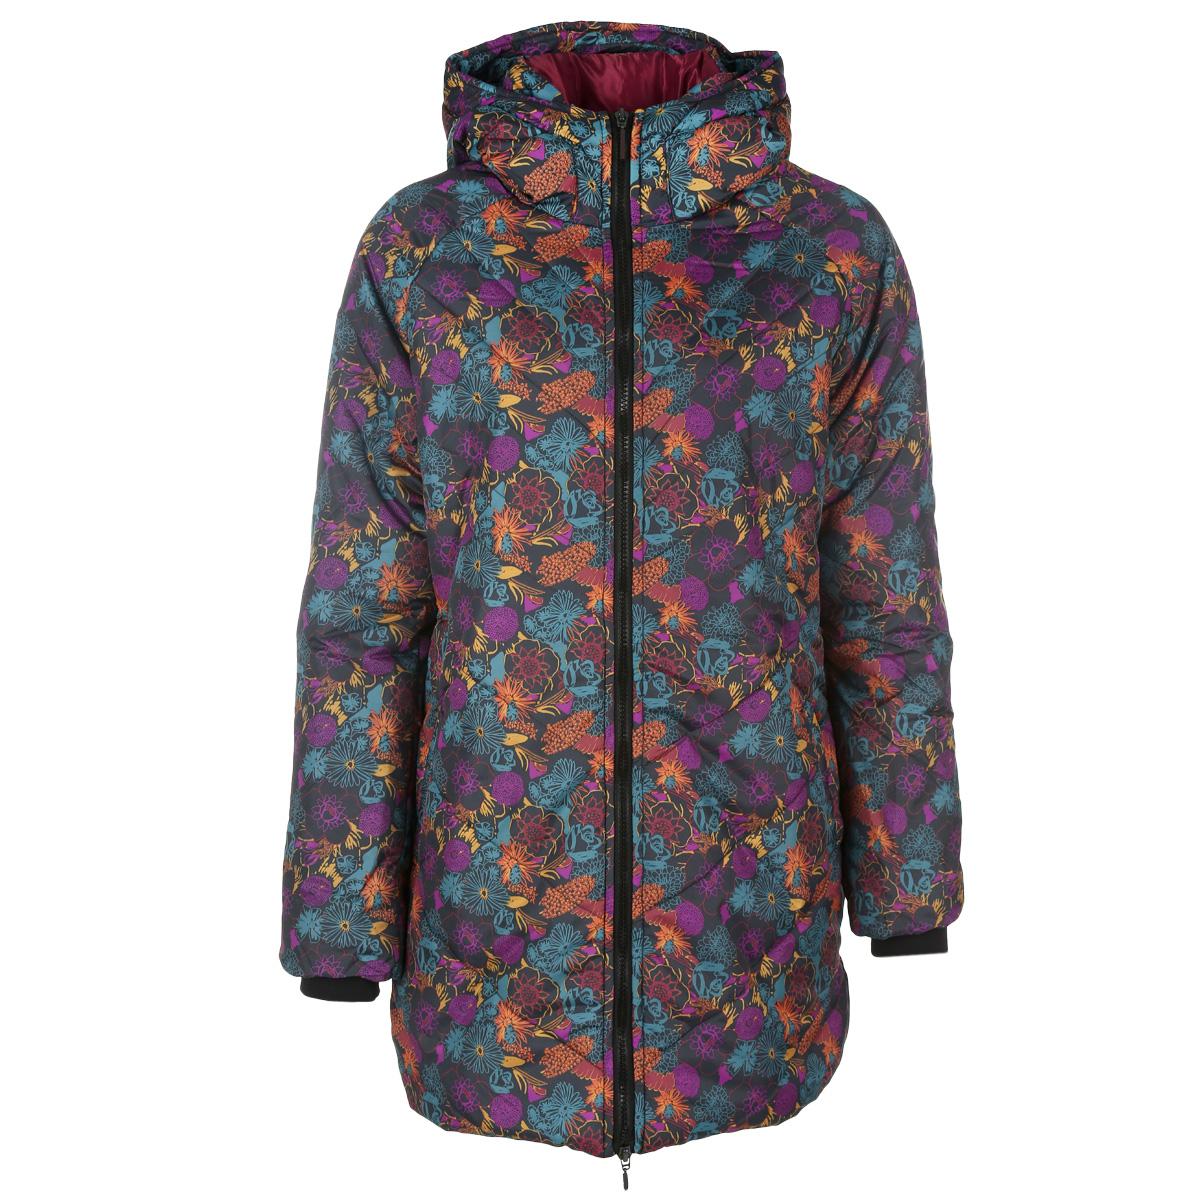 Куртка женская. 16287-1/DN16287-1/DNЖенская куртка F5 отлично подойдет для небольших морозов. Модель изготовлена из 100% полиэстера. Подкладка и утеплитель также выполнены из 100% полиэстера. Модель прямого кроя, с воротником-стойкой и капюшоном застегивается на пластиковую застежку-молнию, и дополнительно имеет внутреннюю ветрозащитную планку. Капюшон не отстегивается и дополнен по краю скрытой кулиской на стопперах. Спереди предусмотрены два прорезных кармана на молниях. Также имеются два внутренних прорезных кармана на молниях. Низ рукавов дополнен внутренними трикотажными манжетами. Понизу куртка дополнена скрытой кулиской на стопперах, что препятствует проникновению ветра. Оформлено изделие ярким цветочным принтом и прострочкой. Эта модная куртка послужит отличным дополнением к вашему гардеробу!